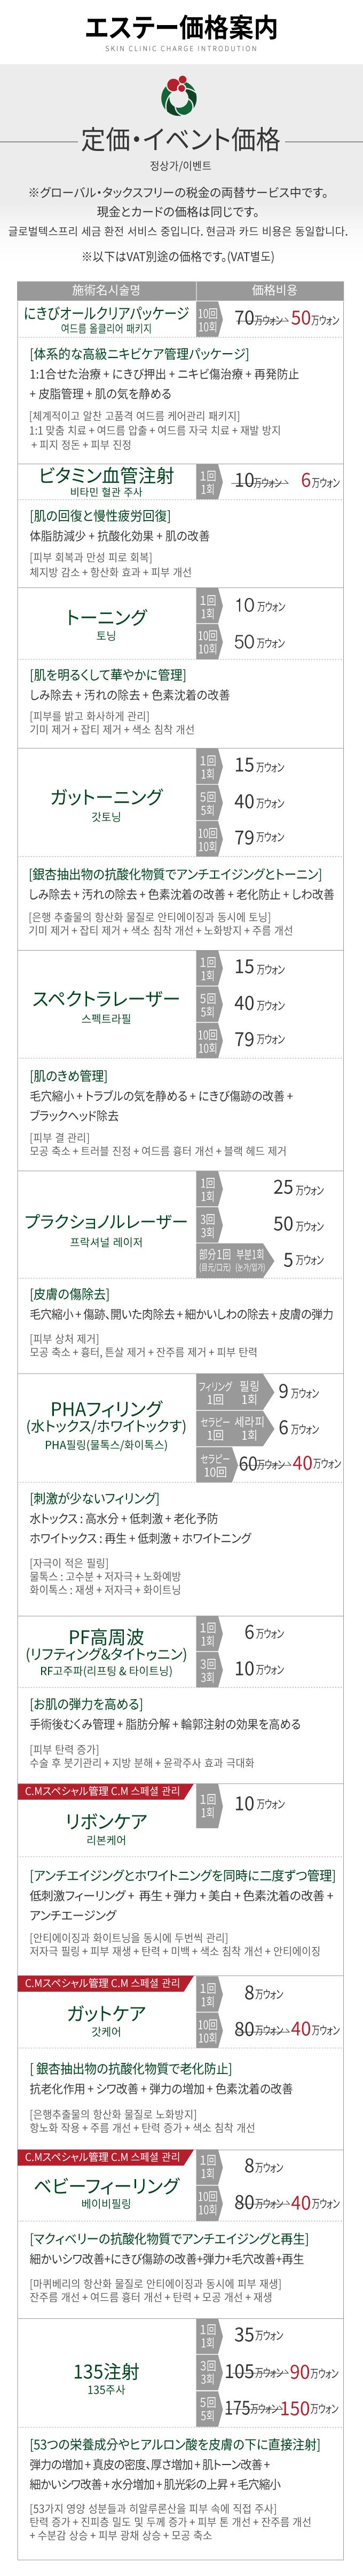 20180717_피부클리닉비용안내_일본어.jpg